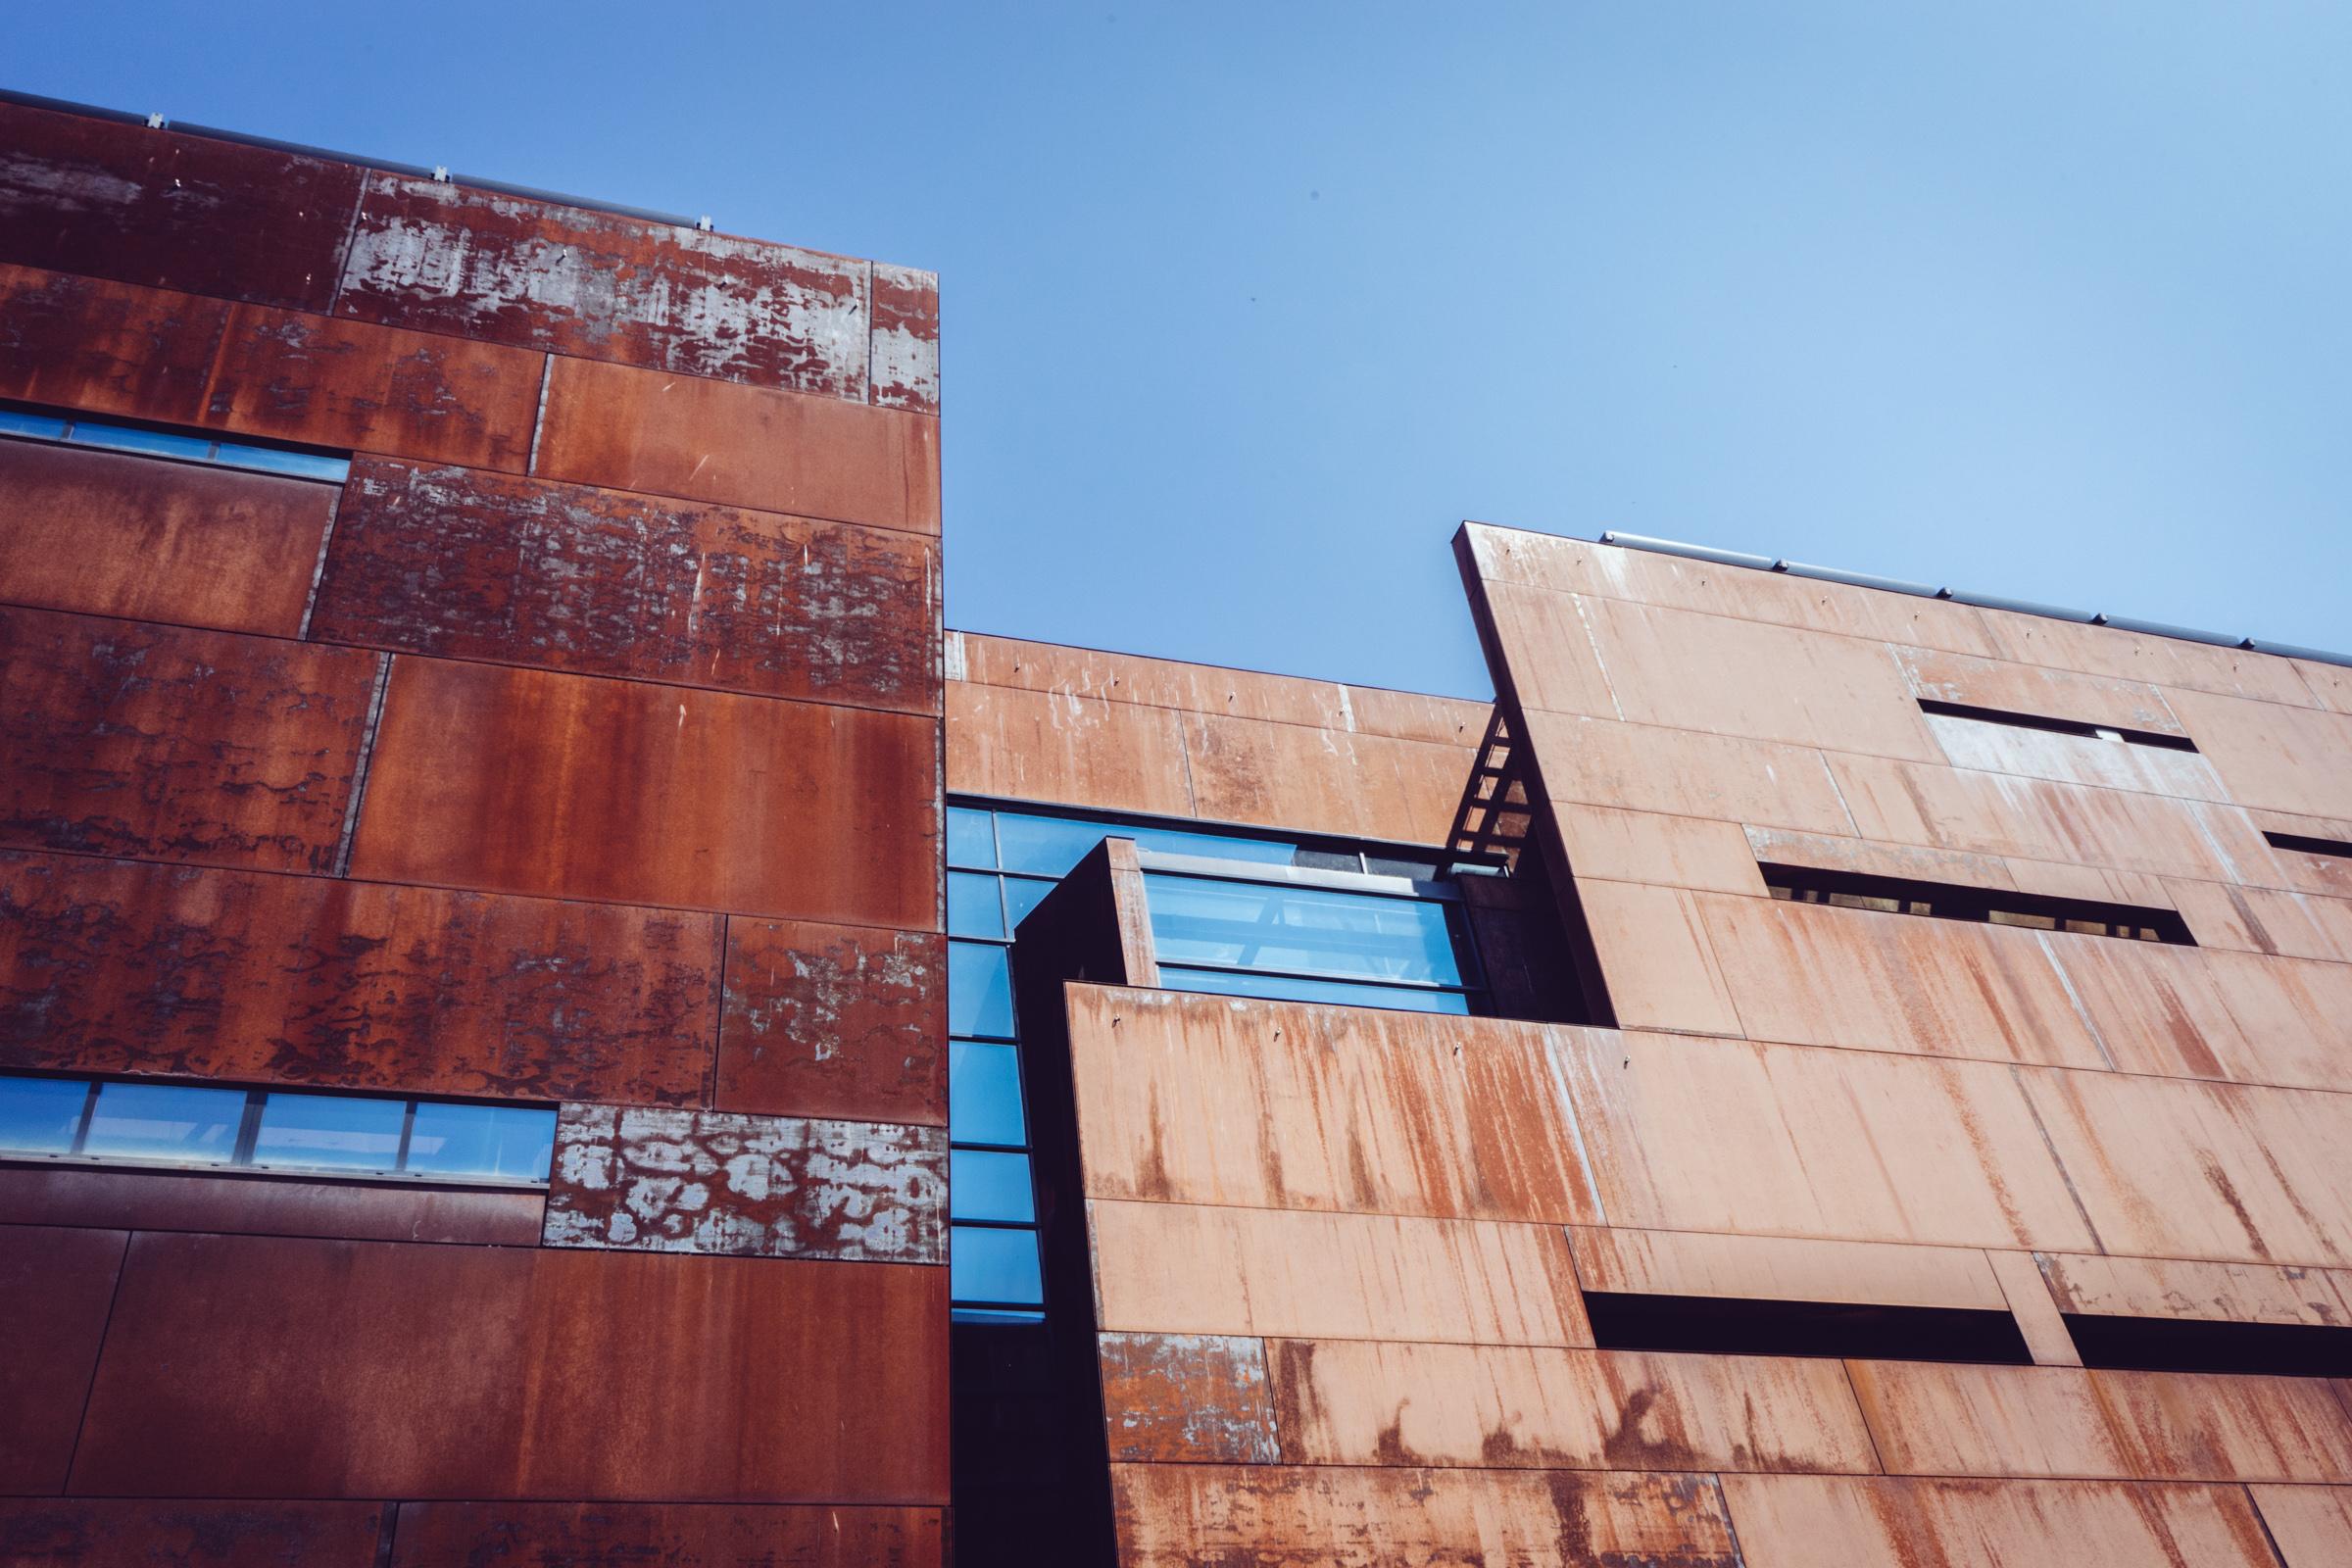 """Les matériau """"effet rouille"""" du Centre de la Solidarité Européenne à Gdansk - Pologne"""